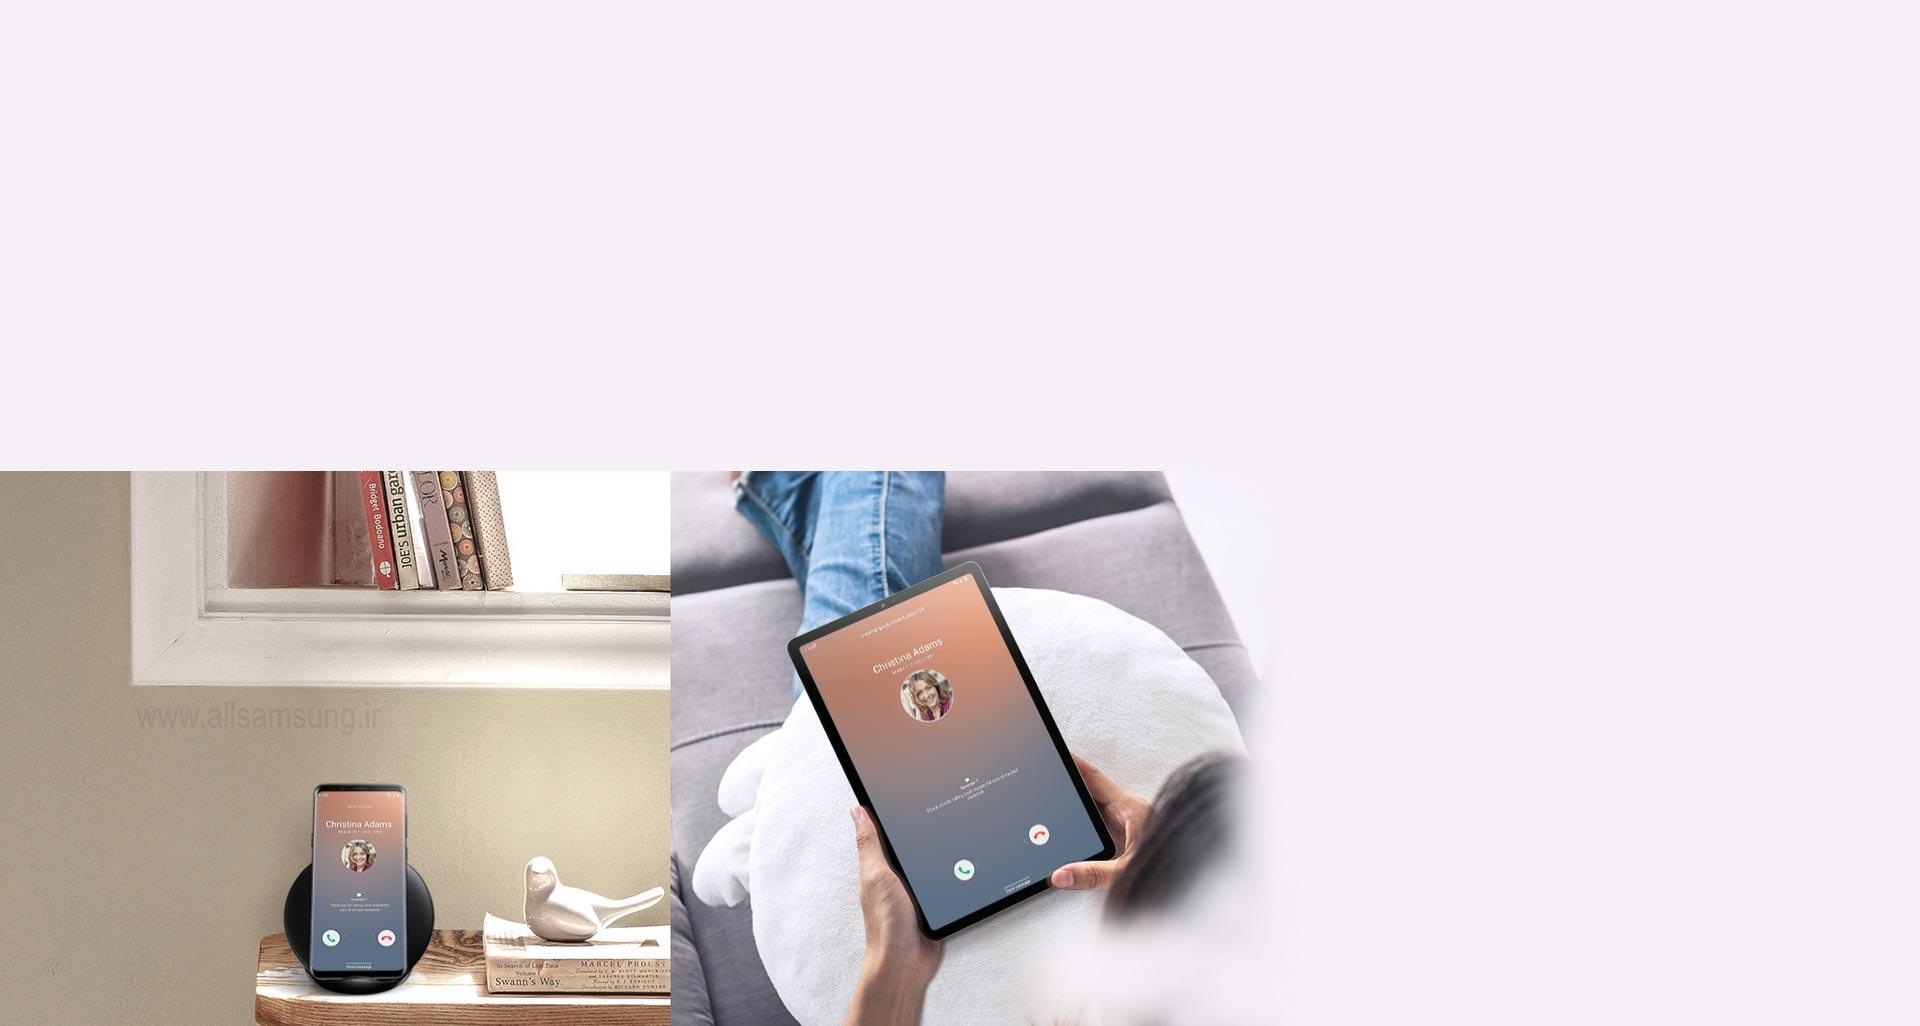 تبلت گلکسی تب اس 5 ایی، جایگزینی برای گوشی